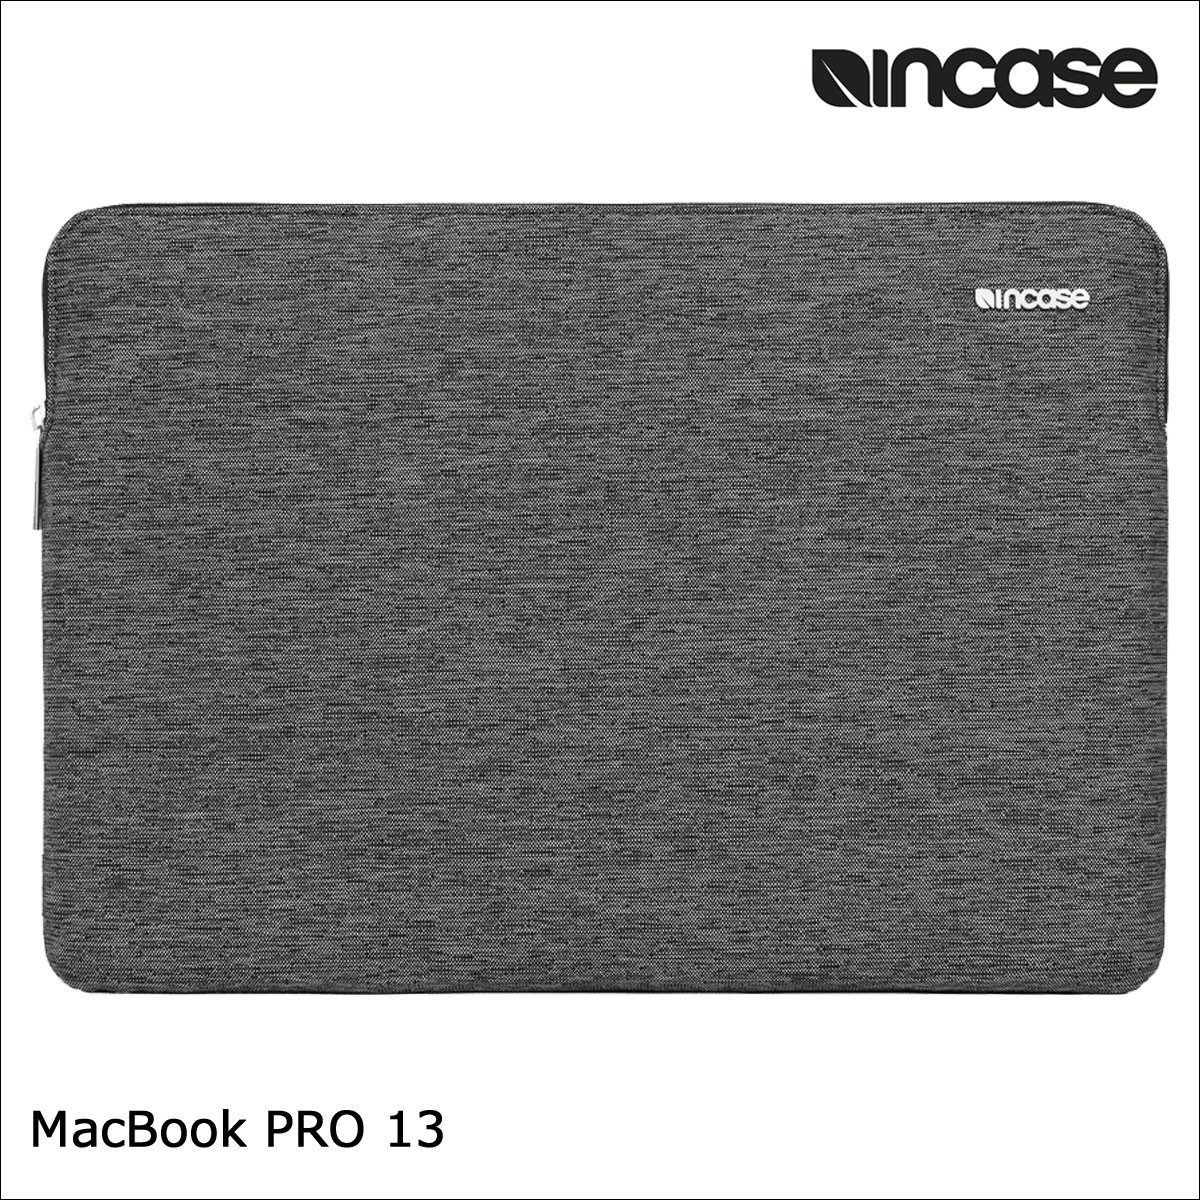 INCASE インケース バッグ パソコンバッグ PCケース 13インチ SLIM SLEEVE PRO FOR MACBOOK RETINA 13 CL60684 レディース メンズ ブラック [4/11 新入荷]